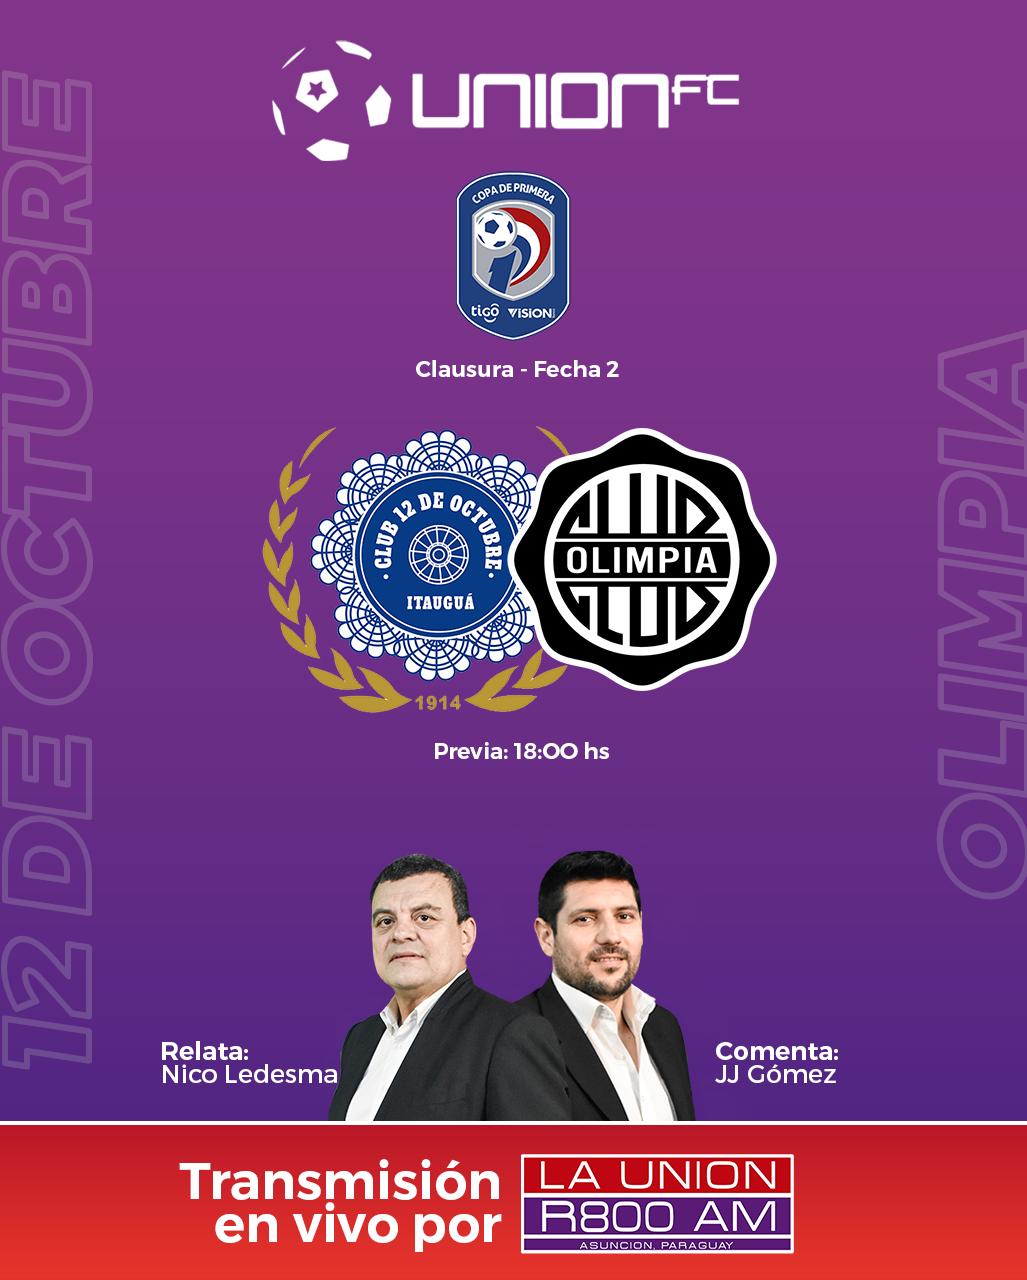 12 de Octubre y Olimpia cierran la Fecha 2 del Torneo Clausura 2021